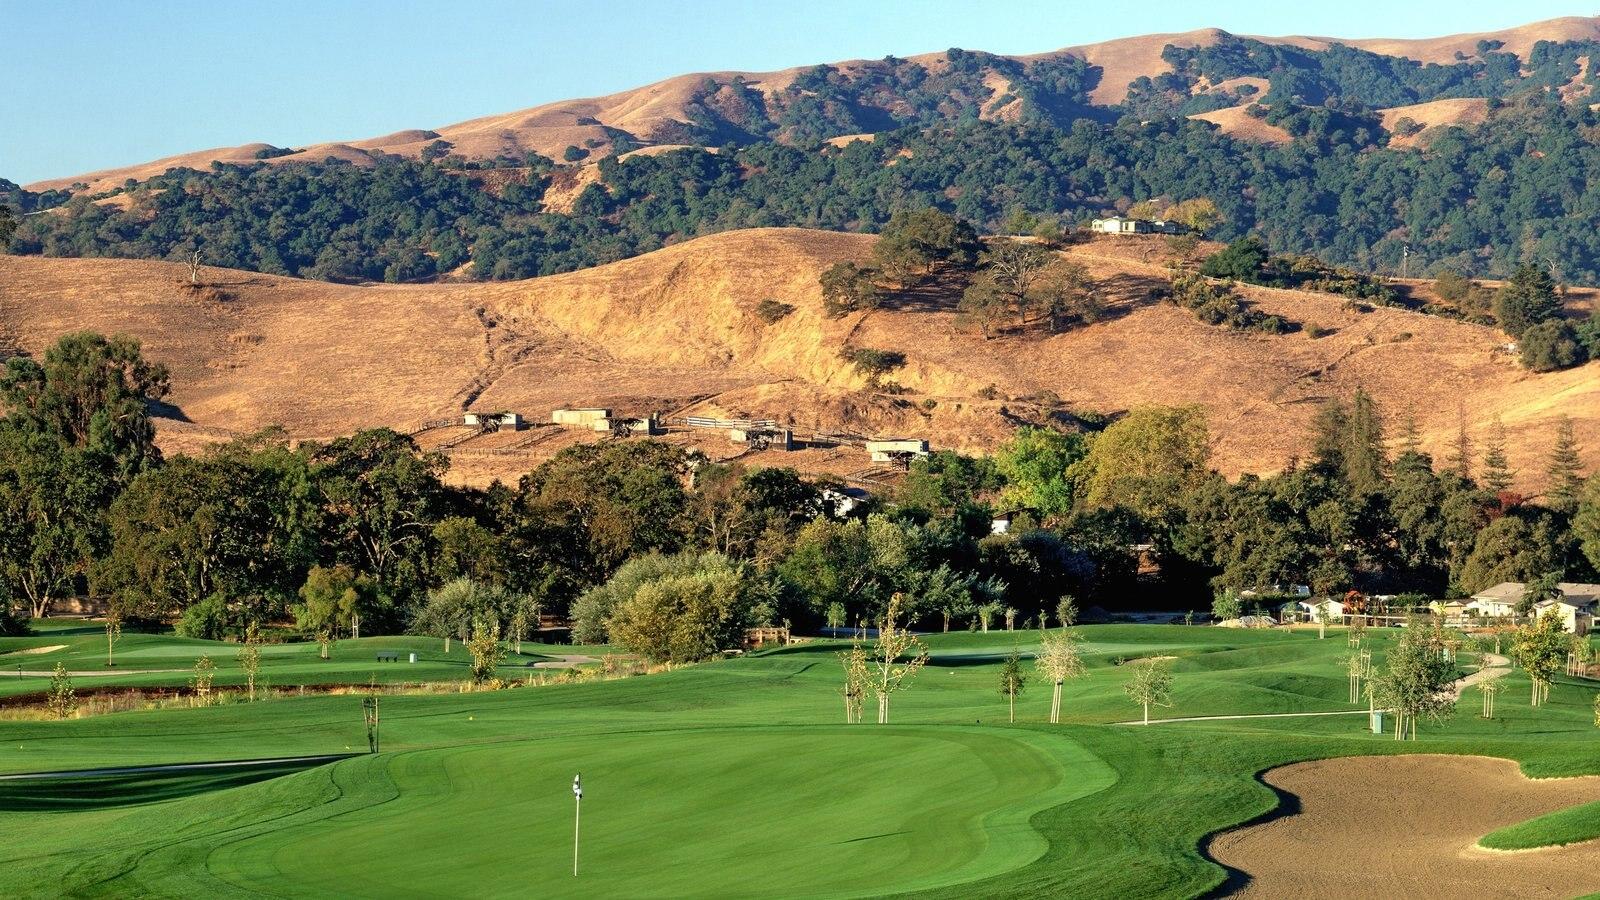 Pleasanton mostrando paisagem e golfe